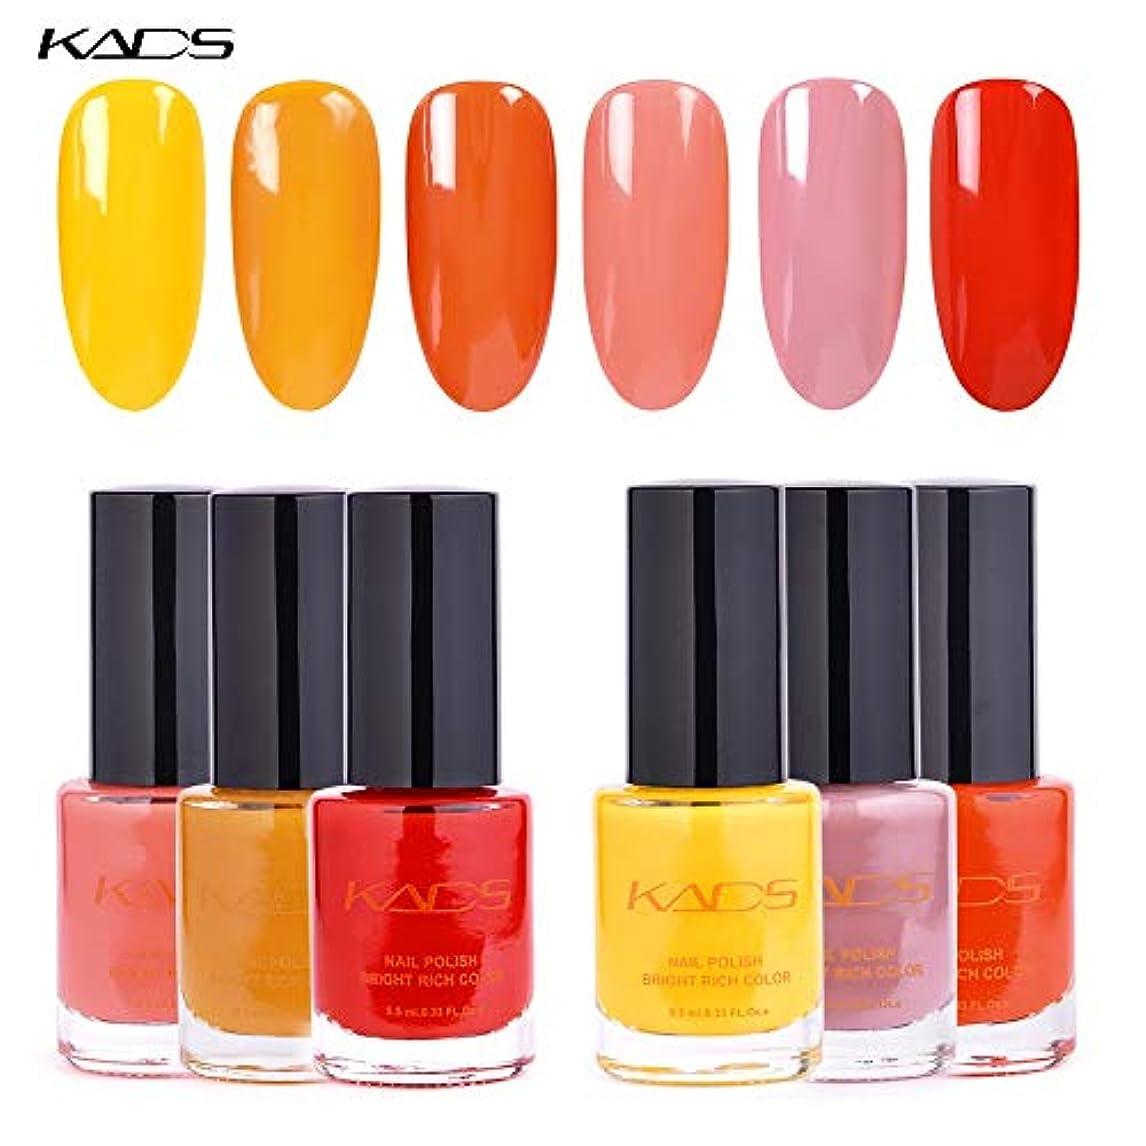 倍増マイナー用心KADS ネイルポリッシュ ゼリーシリーズ ピンク/オレンジ/イエロー 6色入り 9.5ML 艶長持ち マニキュアセット